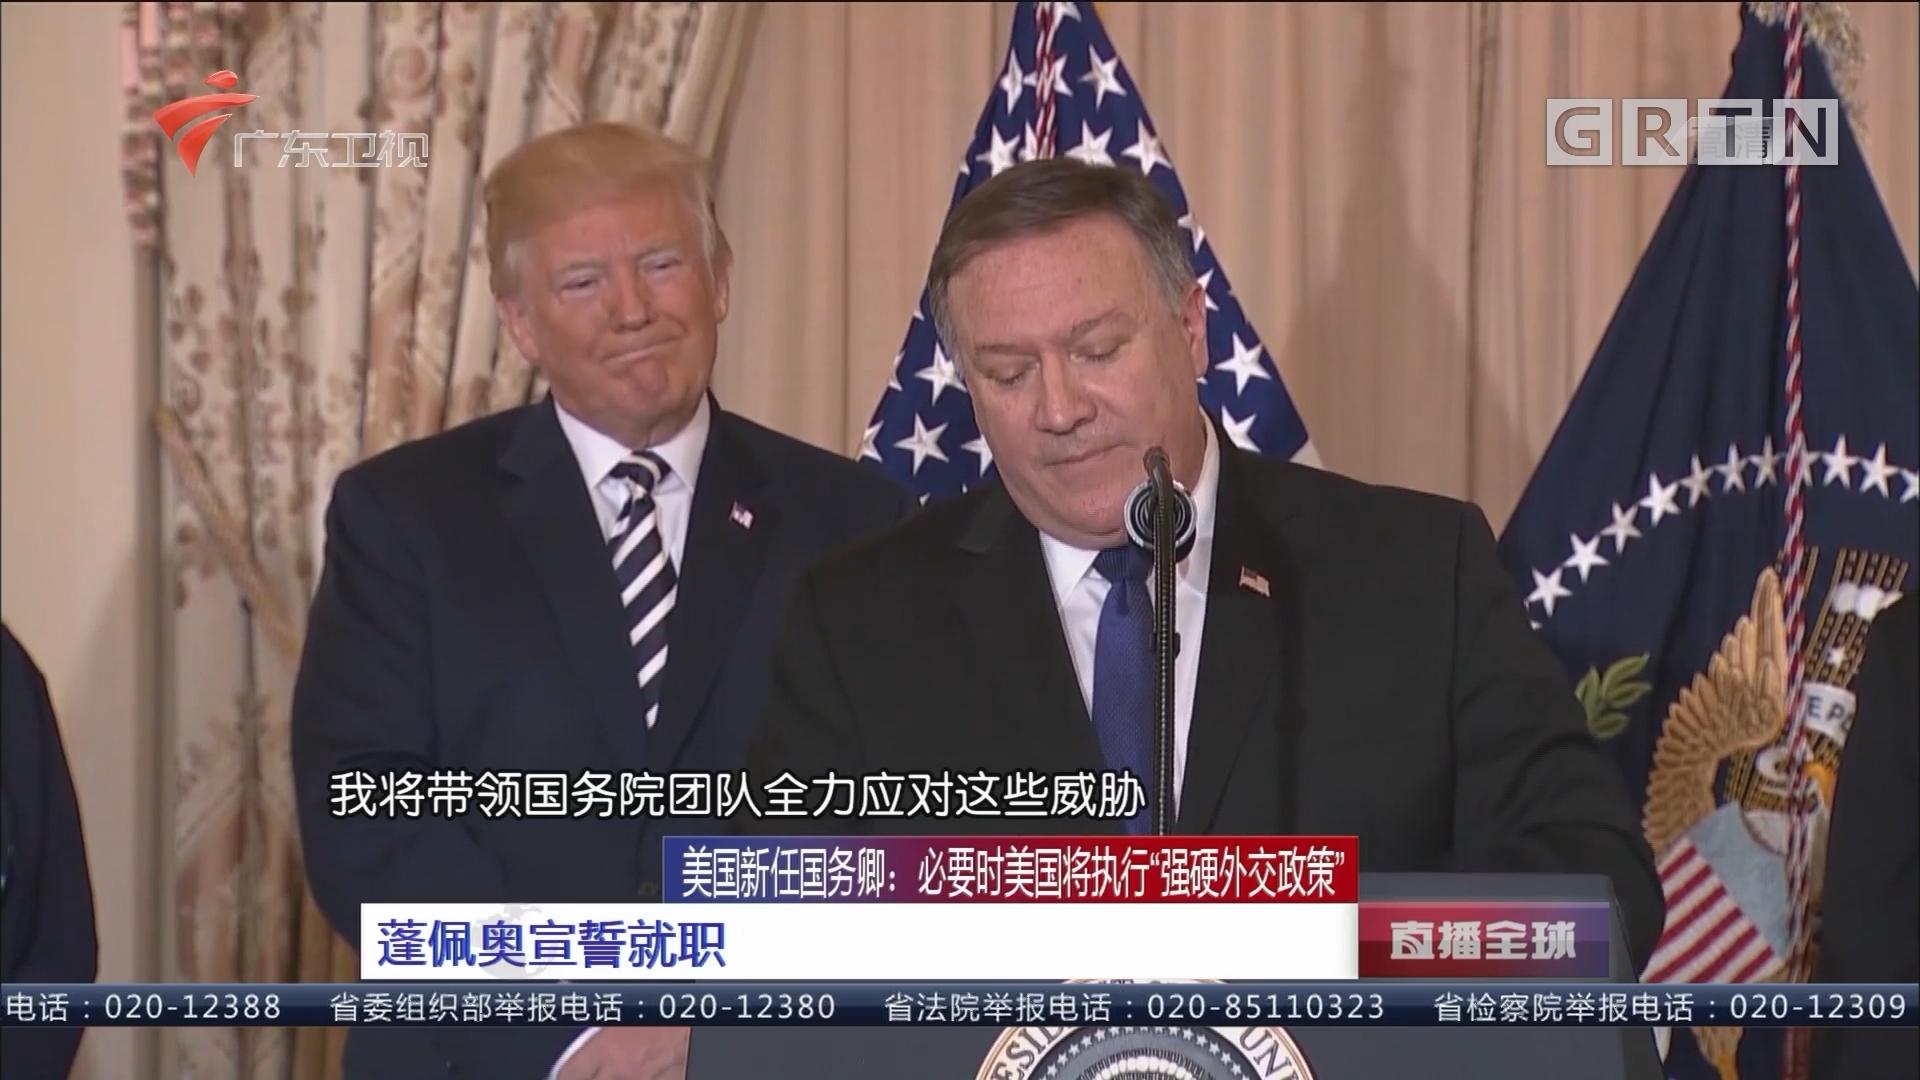 """美国新任国务卿:必要时美国将执行""""强硬外交政策"""" 蓬佩奥宣誓就职"""